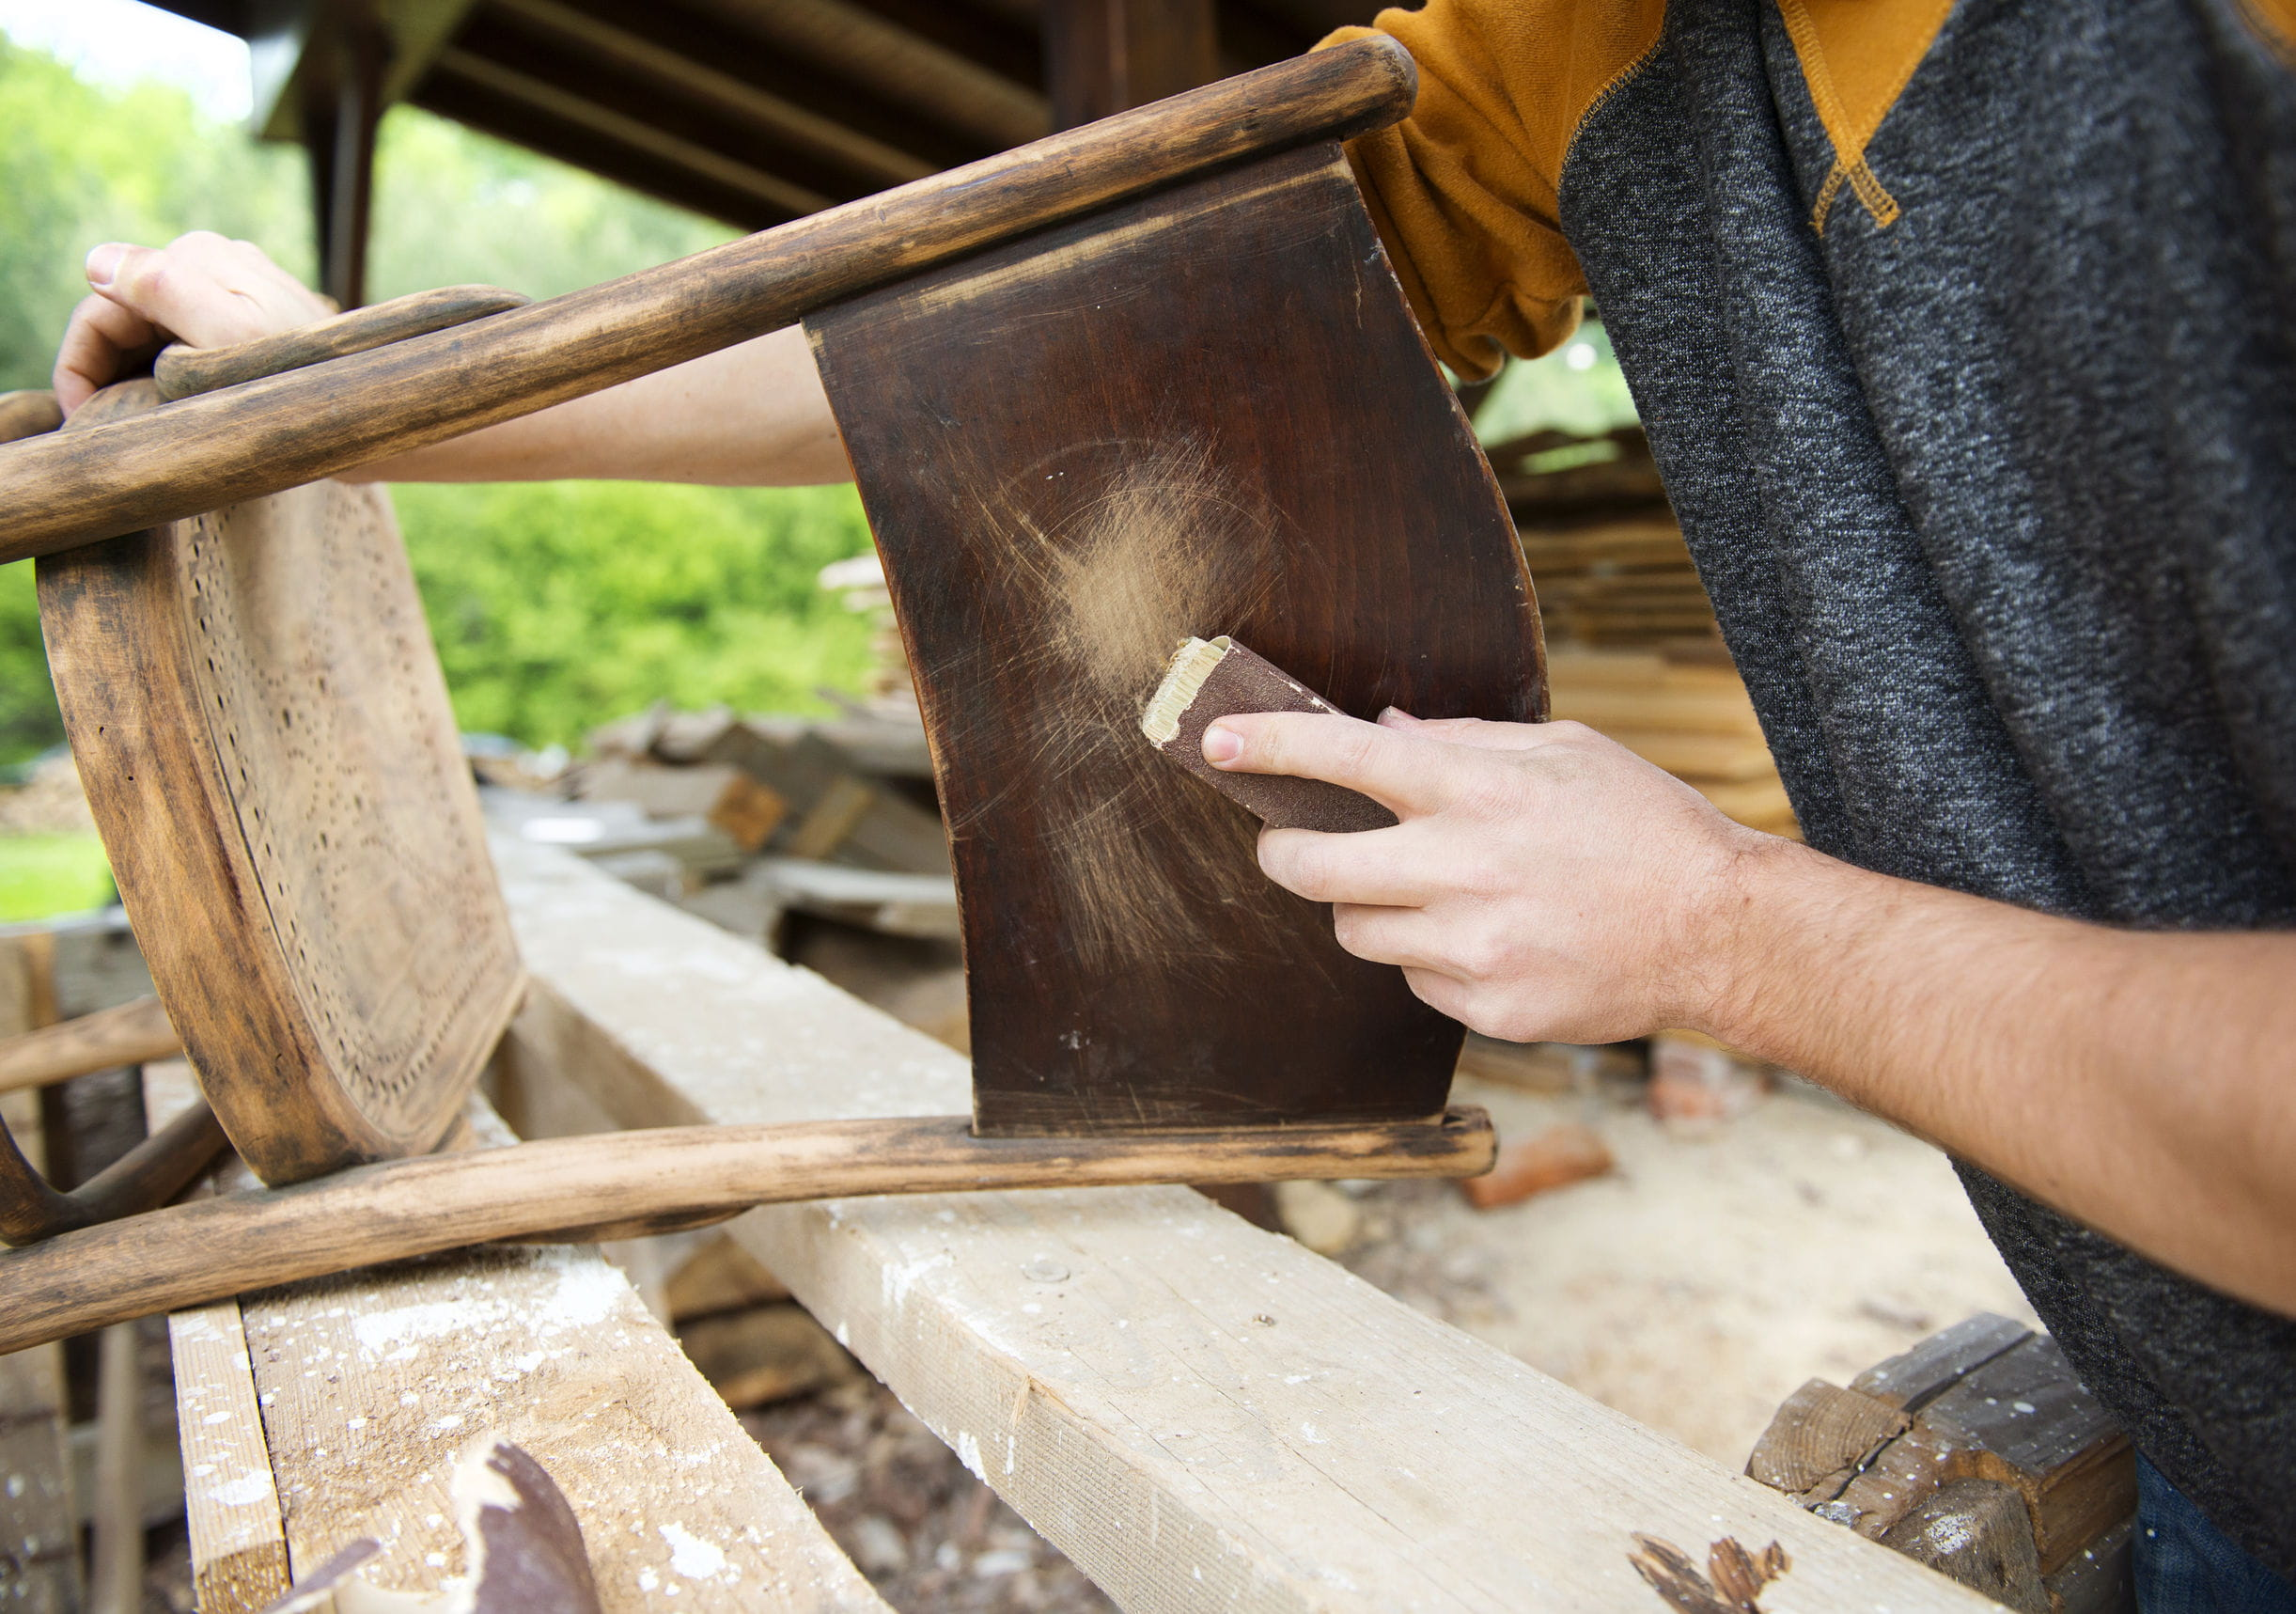 rnover et relooker un meuble en bois sans se tromper donner un effet vieilli a - Donner Un Effet Vieilli A Un Meuble